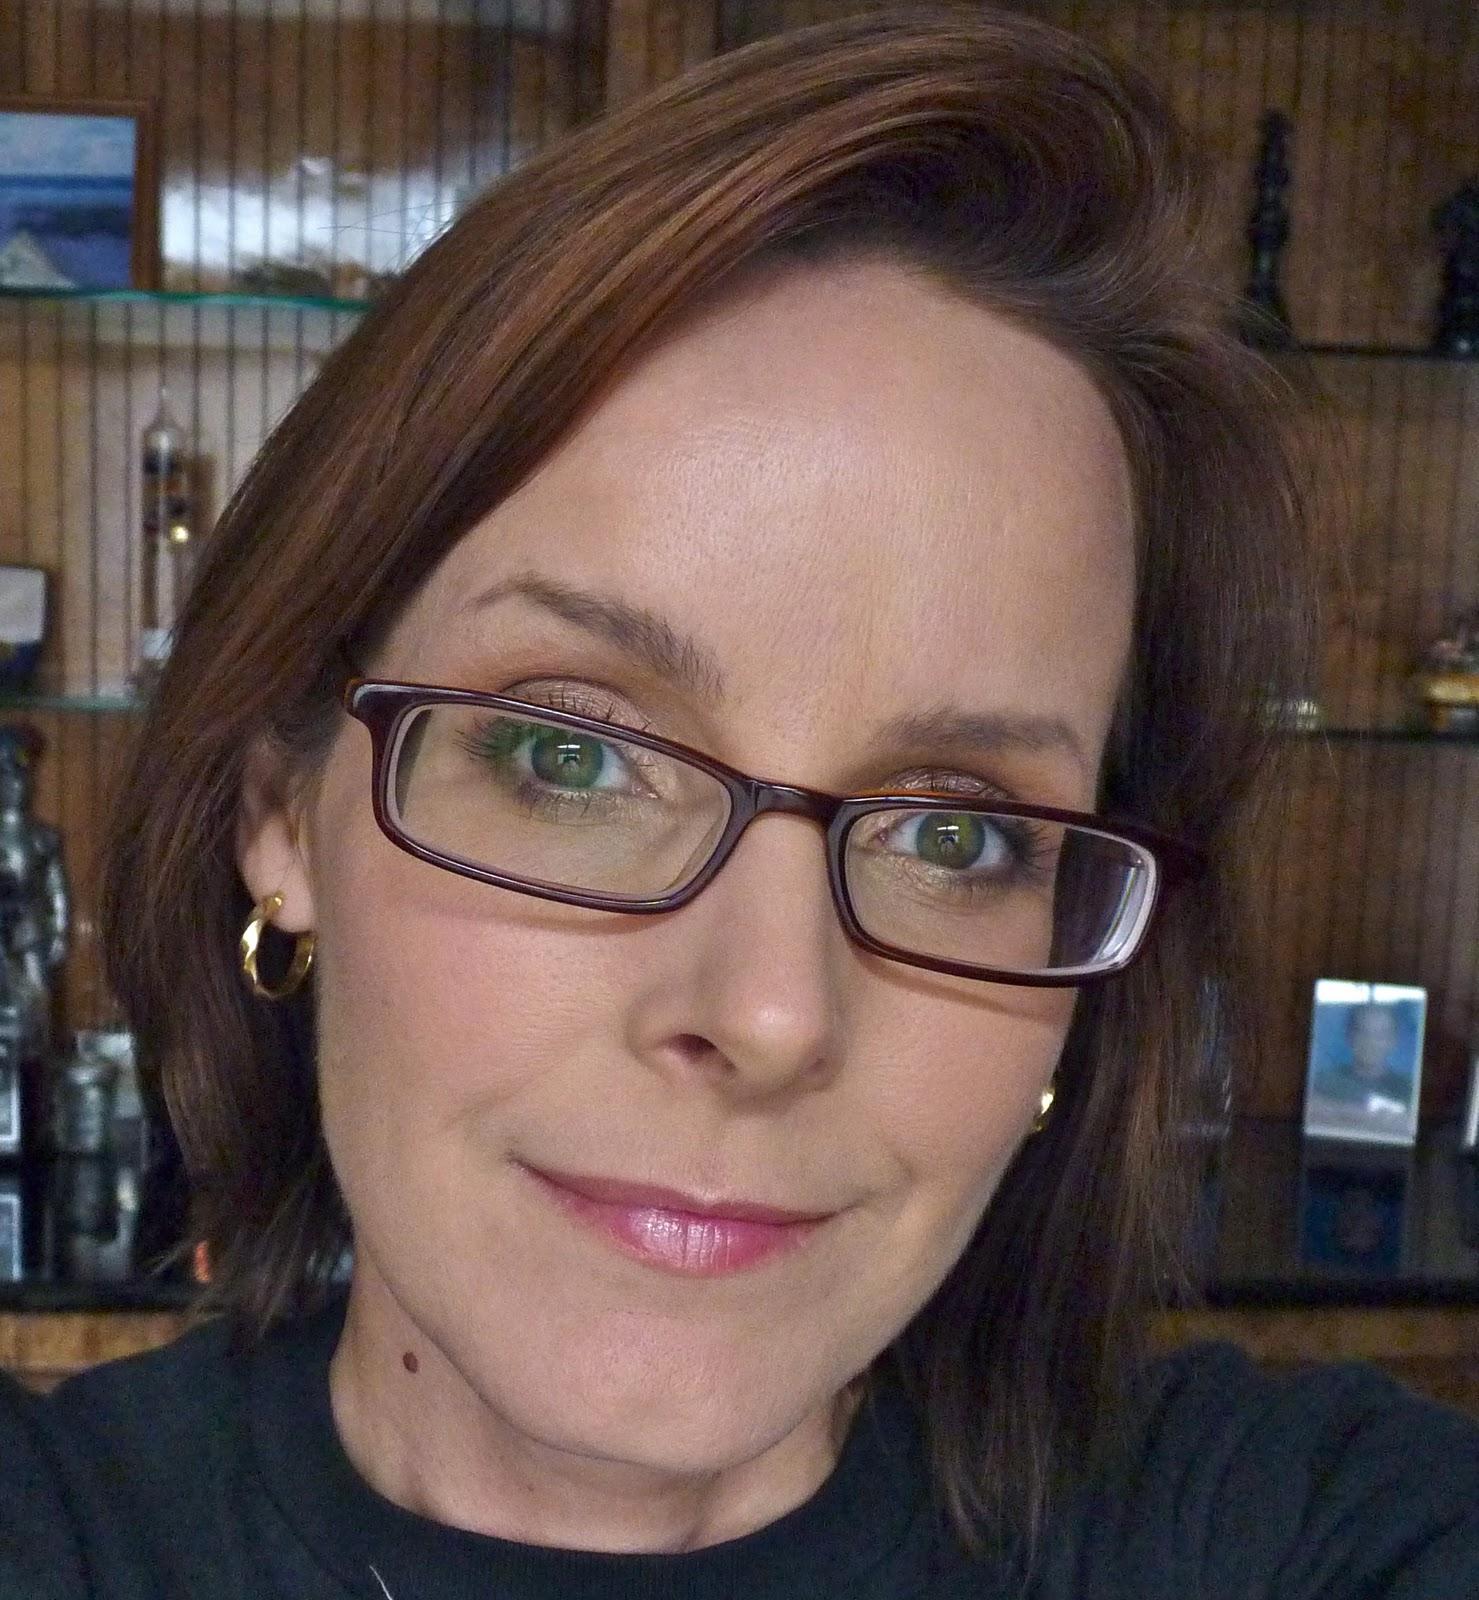 Hoozeys Blog: My Nerd glasses